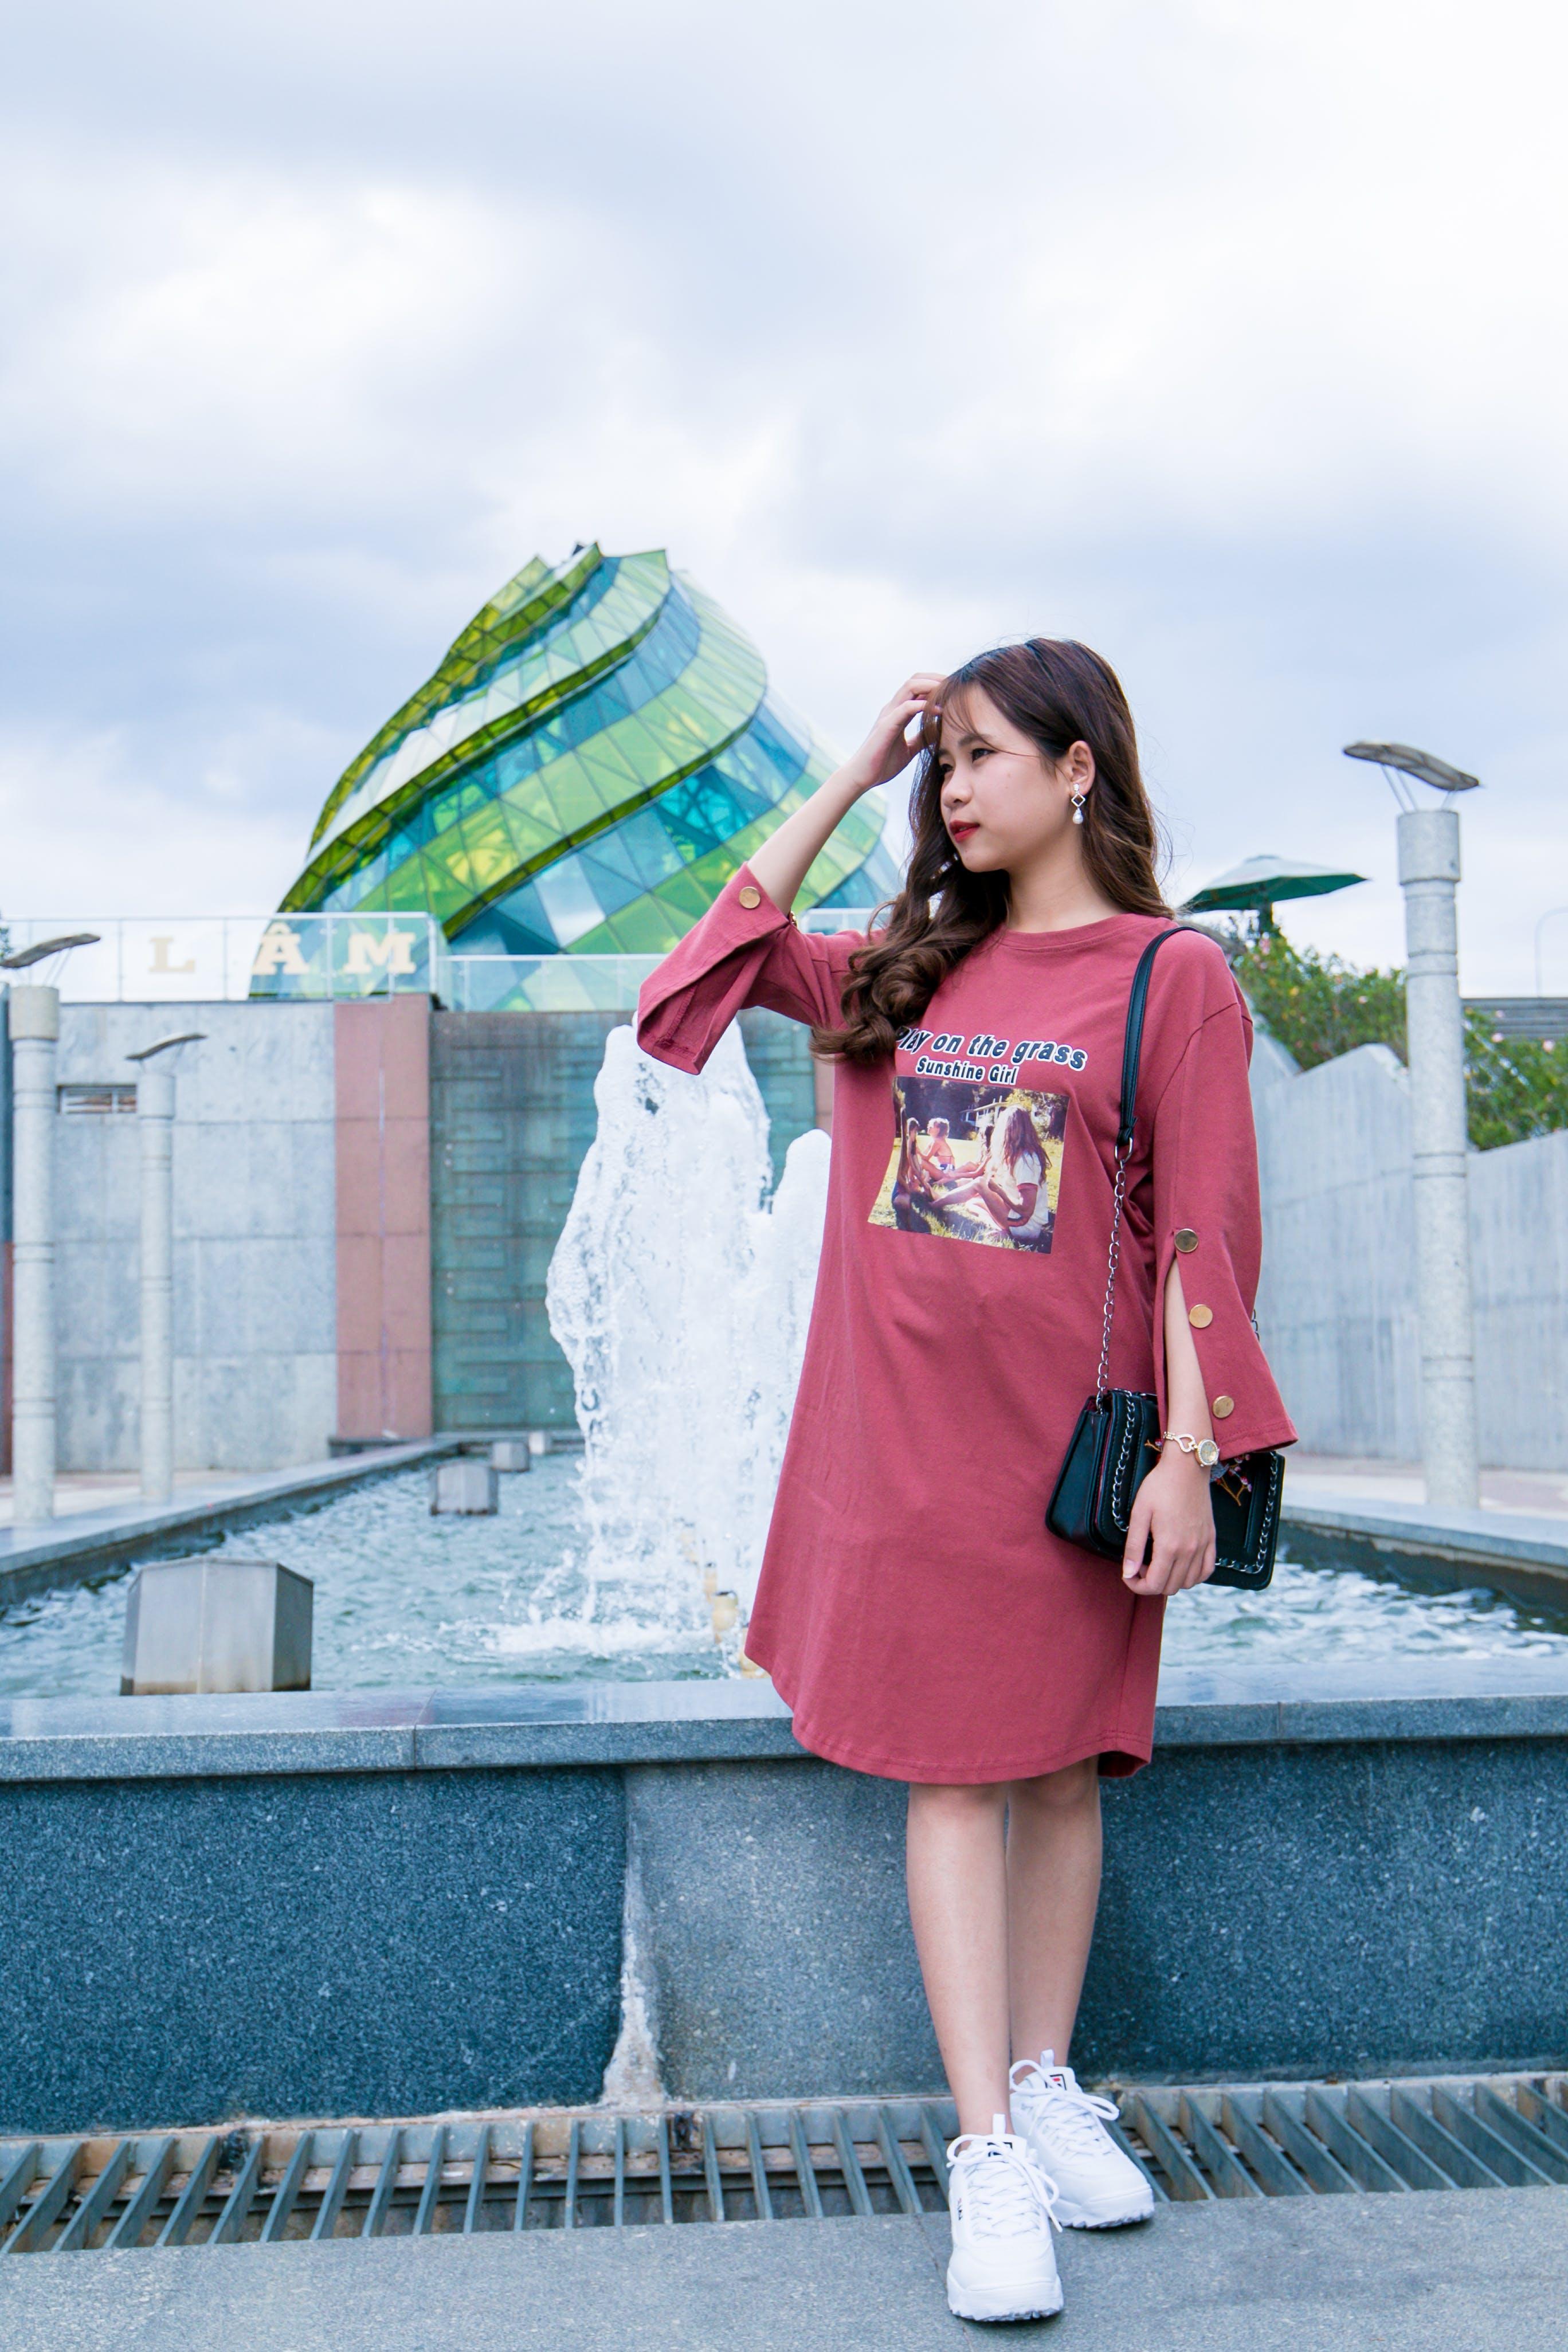 Gratis lagerfoto af asiatisk kvinde, Asiatisk pige, bagage, by